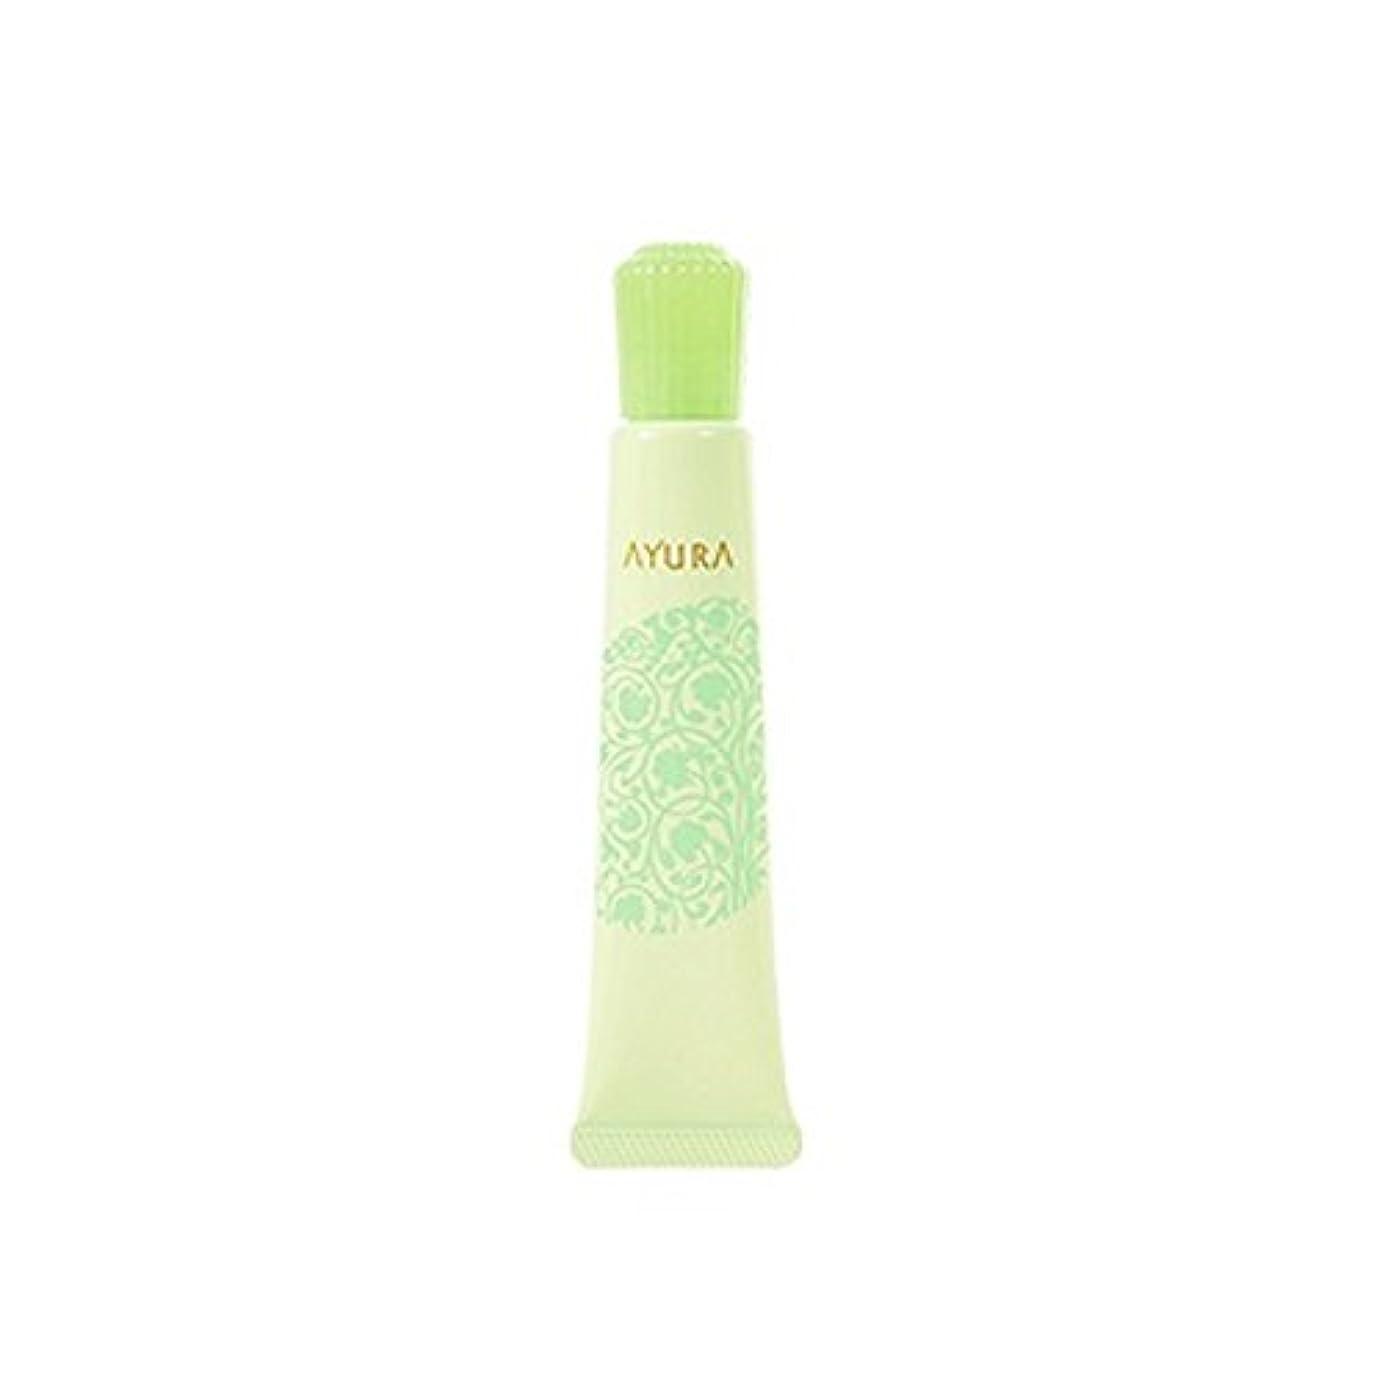 重量経過登録アユーラ (AYURA) ハンドオアシス 〈ハンド用美容液〉 アロマティックハーブとユーカリの軽やかな香り